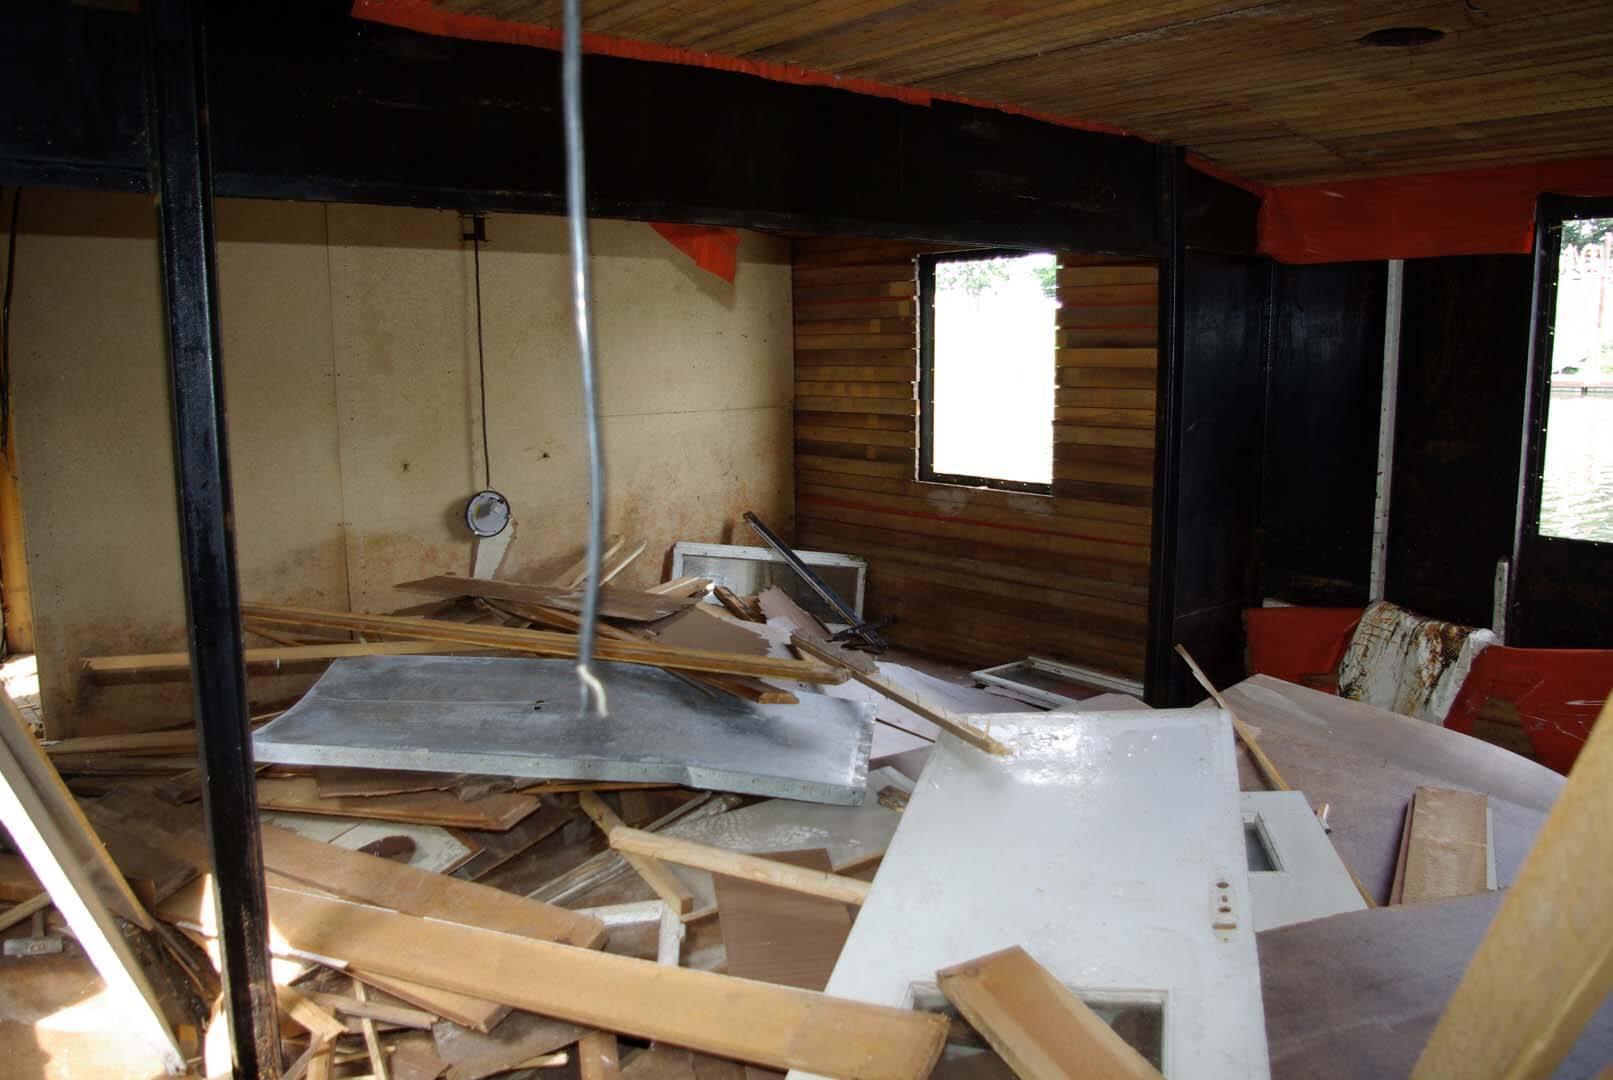 Alles muss raus: Der gesamte Innenausbau wird eine Woche lang entfernt